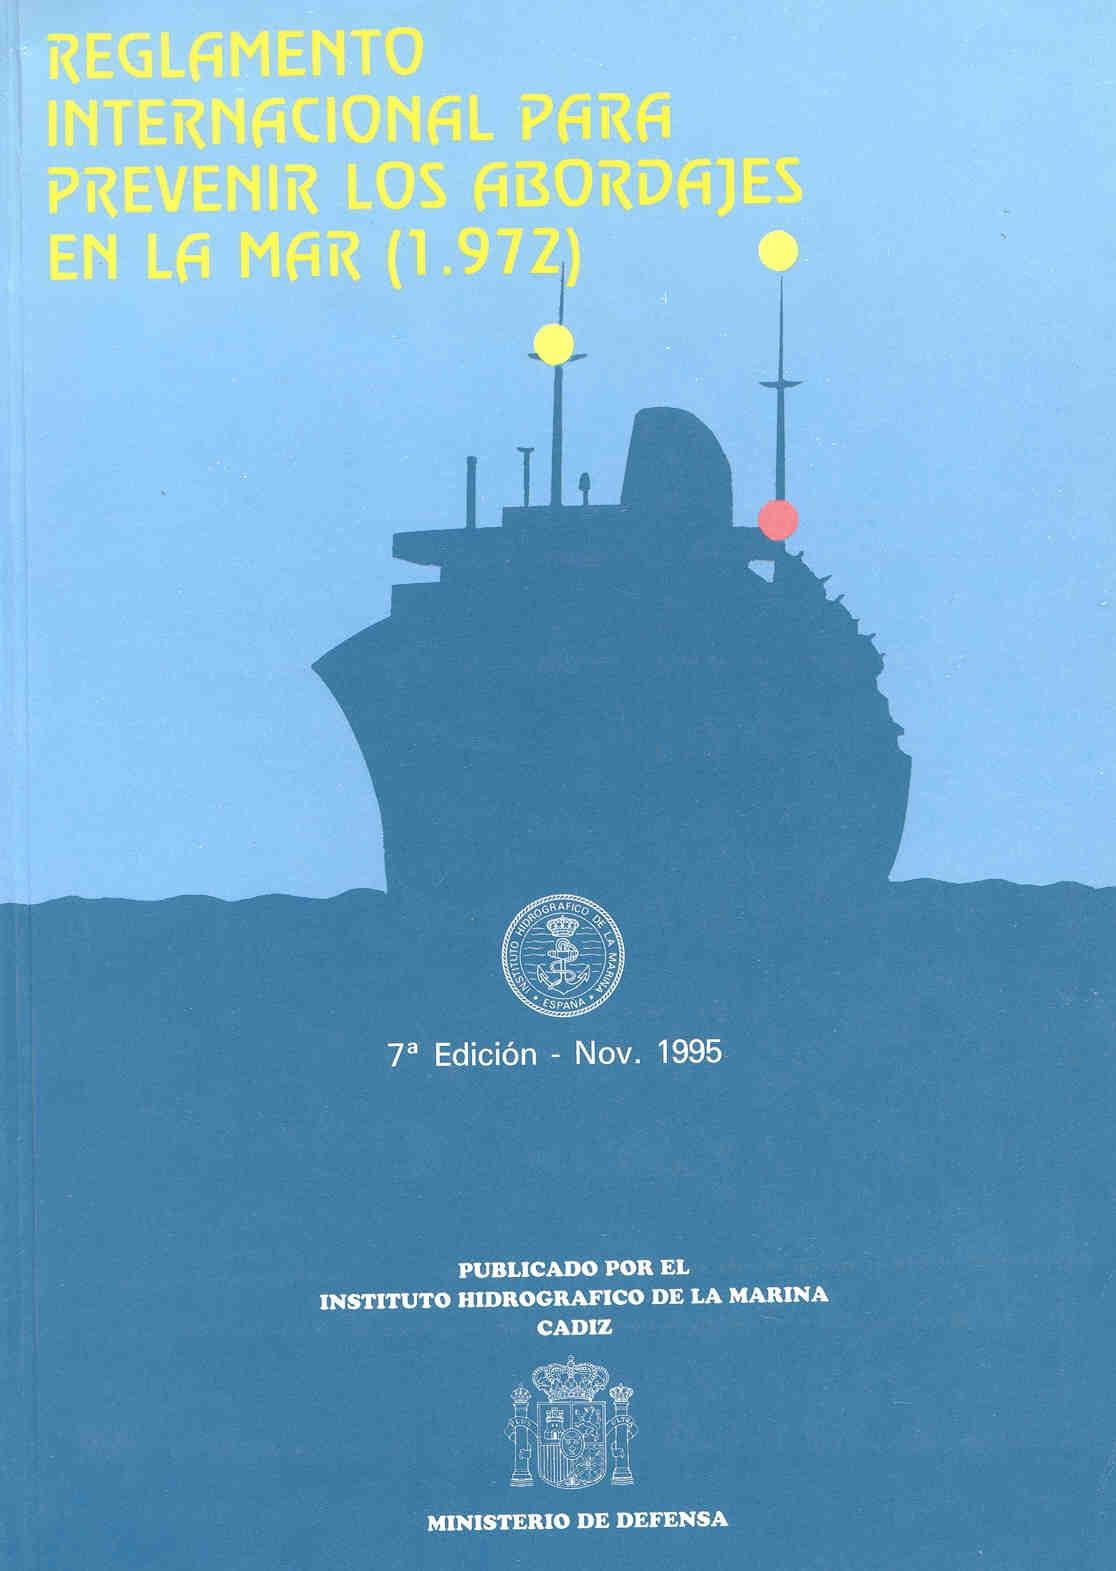 REGLAMENTO INTERNACIONAL PARA PREVENIR LOS ABORDAJES EN LA MAR (1972). 7ª EDICIÓN